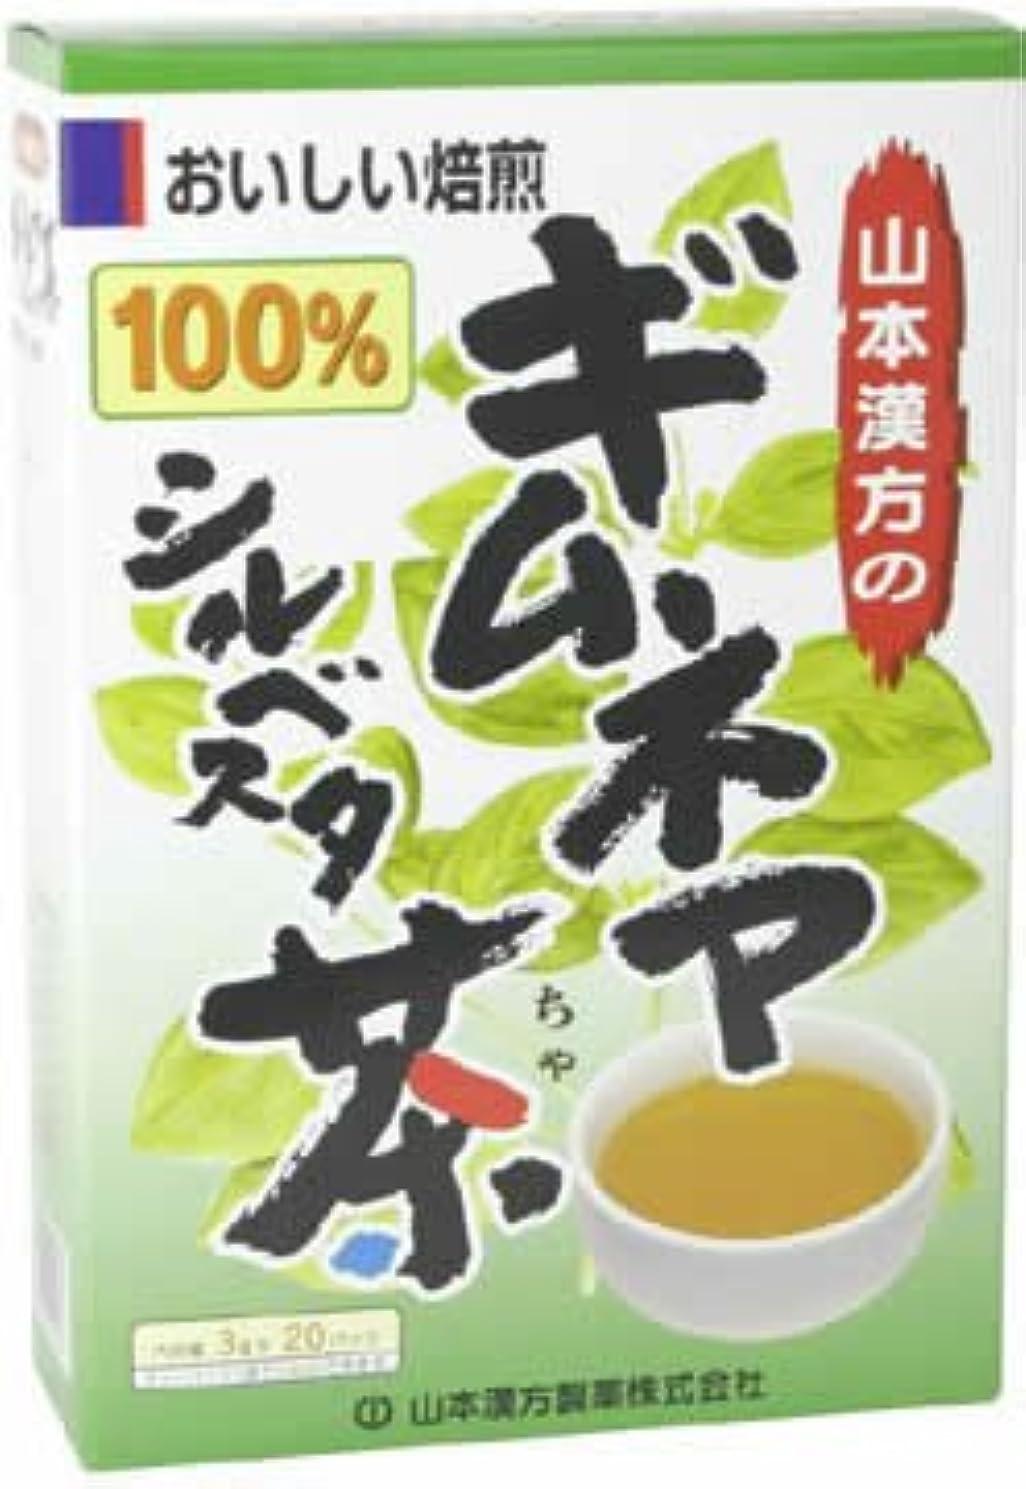 一般的に言えばつま先できない山本漢方製薬 ギムネマシルベスタ茶100% 3gX20H